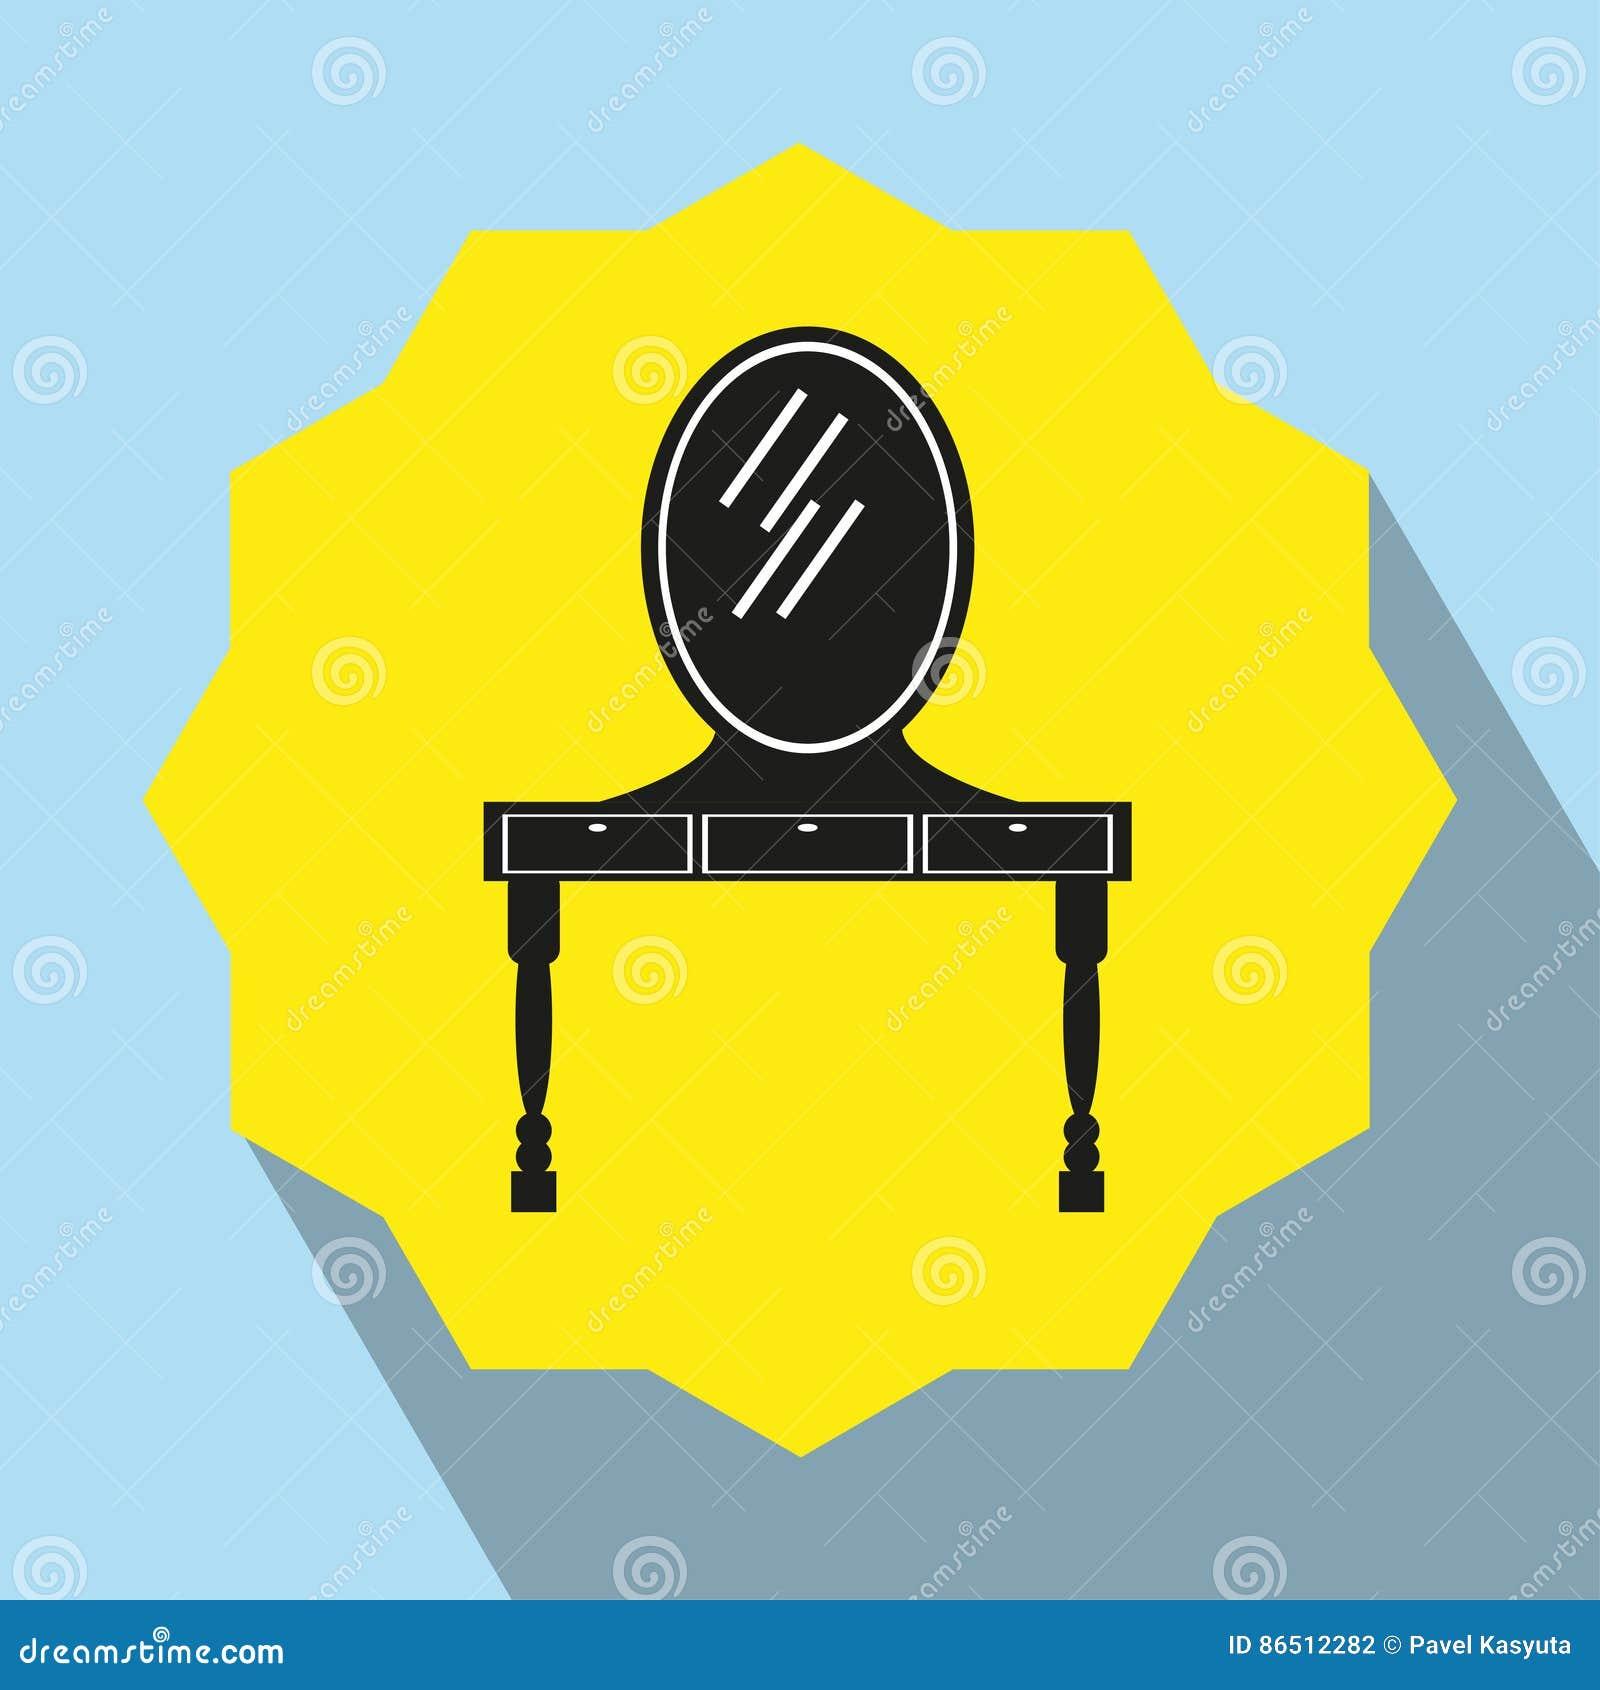 Toilettafel Met Spiegel Wit.Meubels Toilettafel Met Spiegel Het Pictogram Van Toestellen Zwart